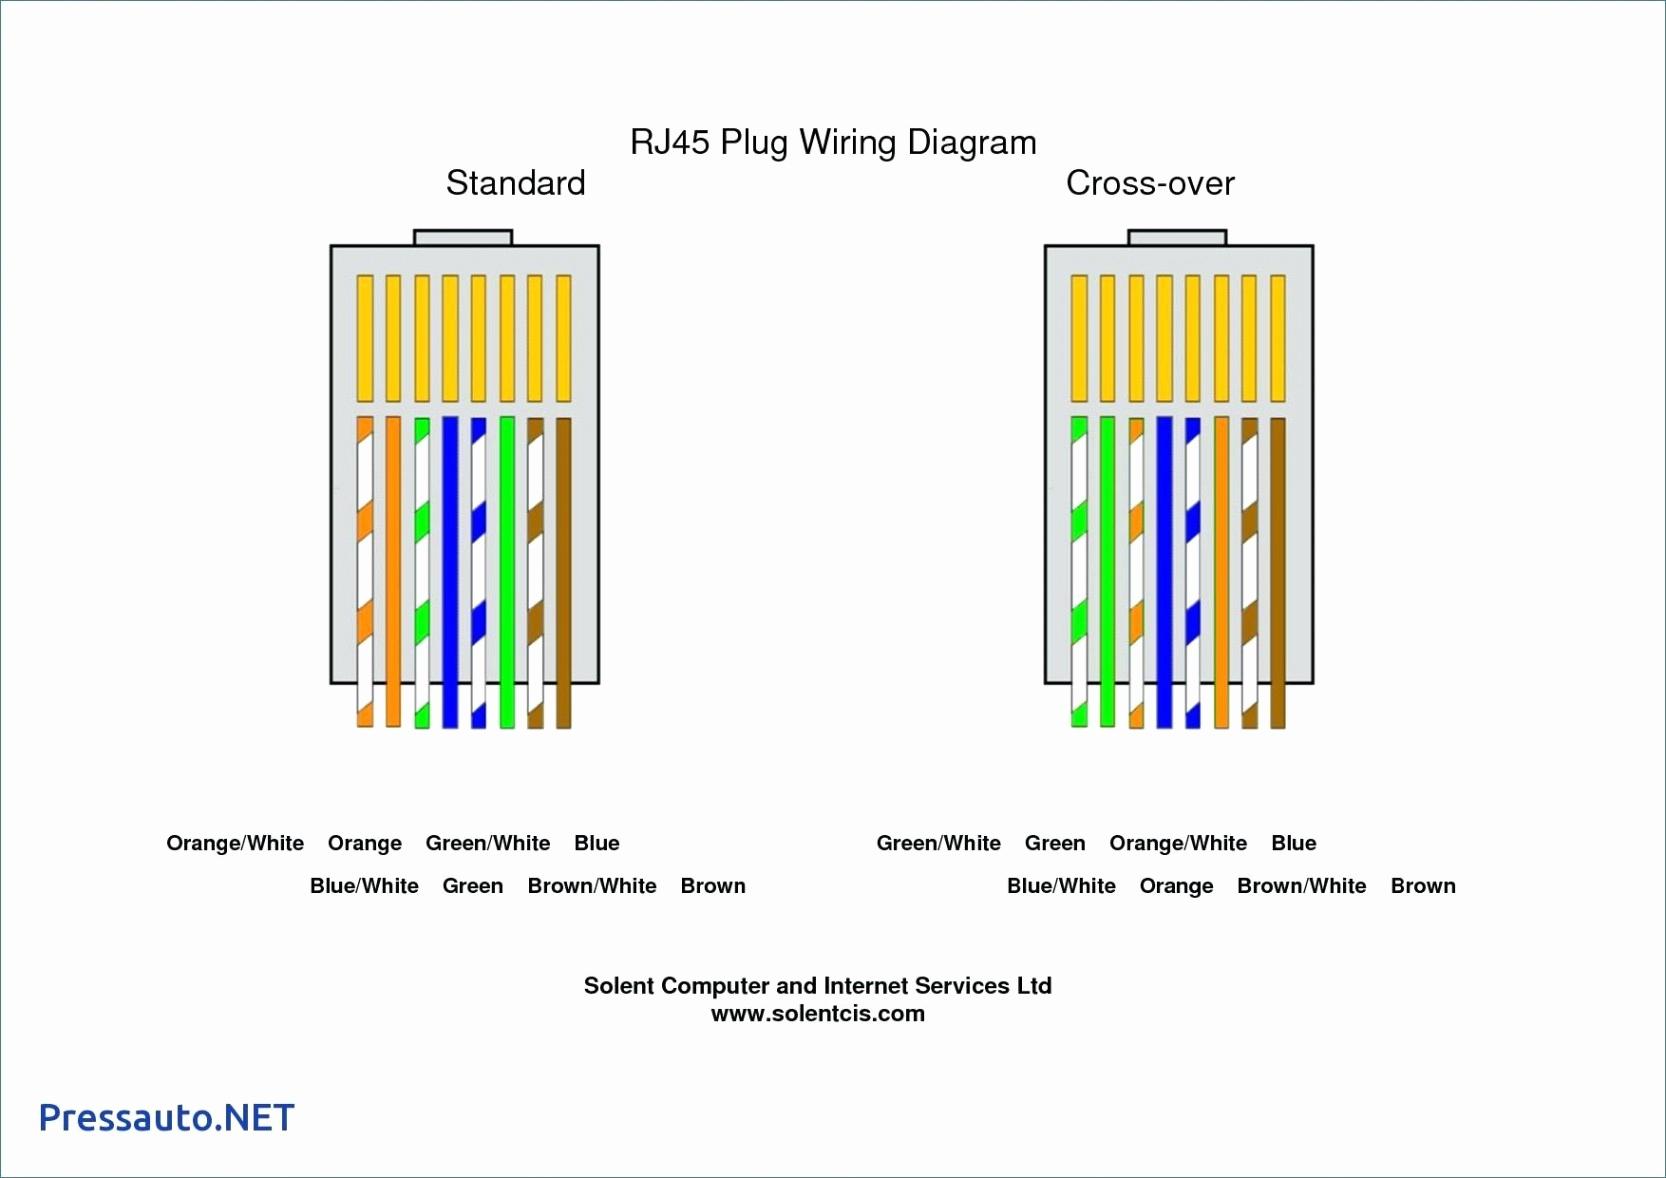 Poe Ethernet Wiring Diagram Leviton | Wiring Diagram - Poe Wiring Diagram